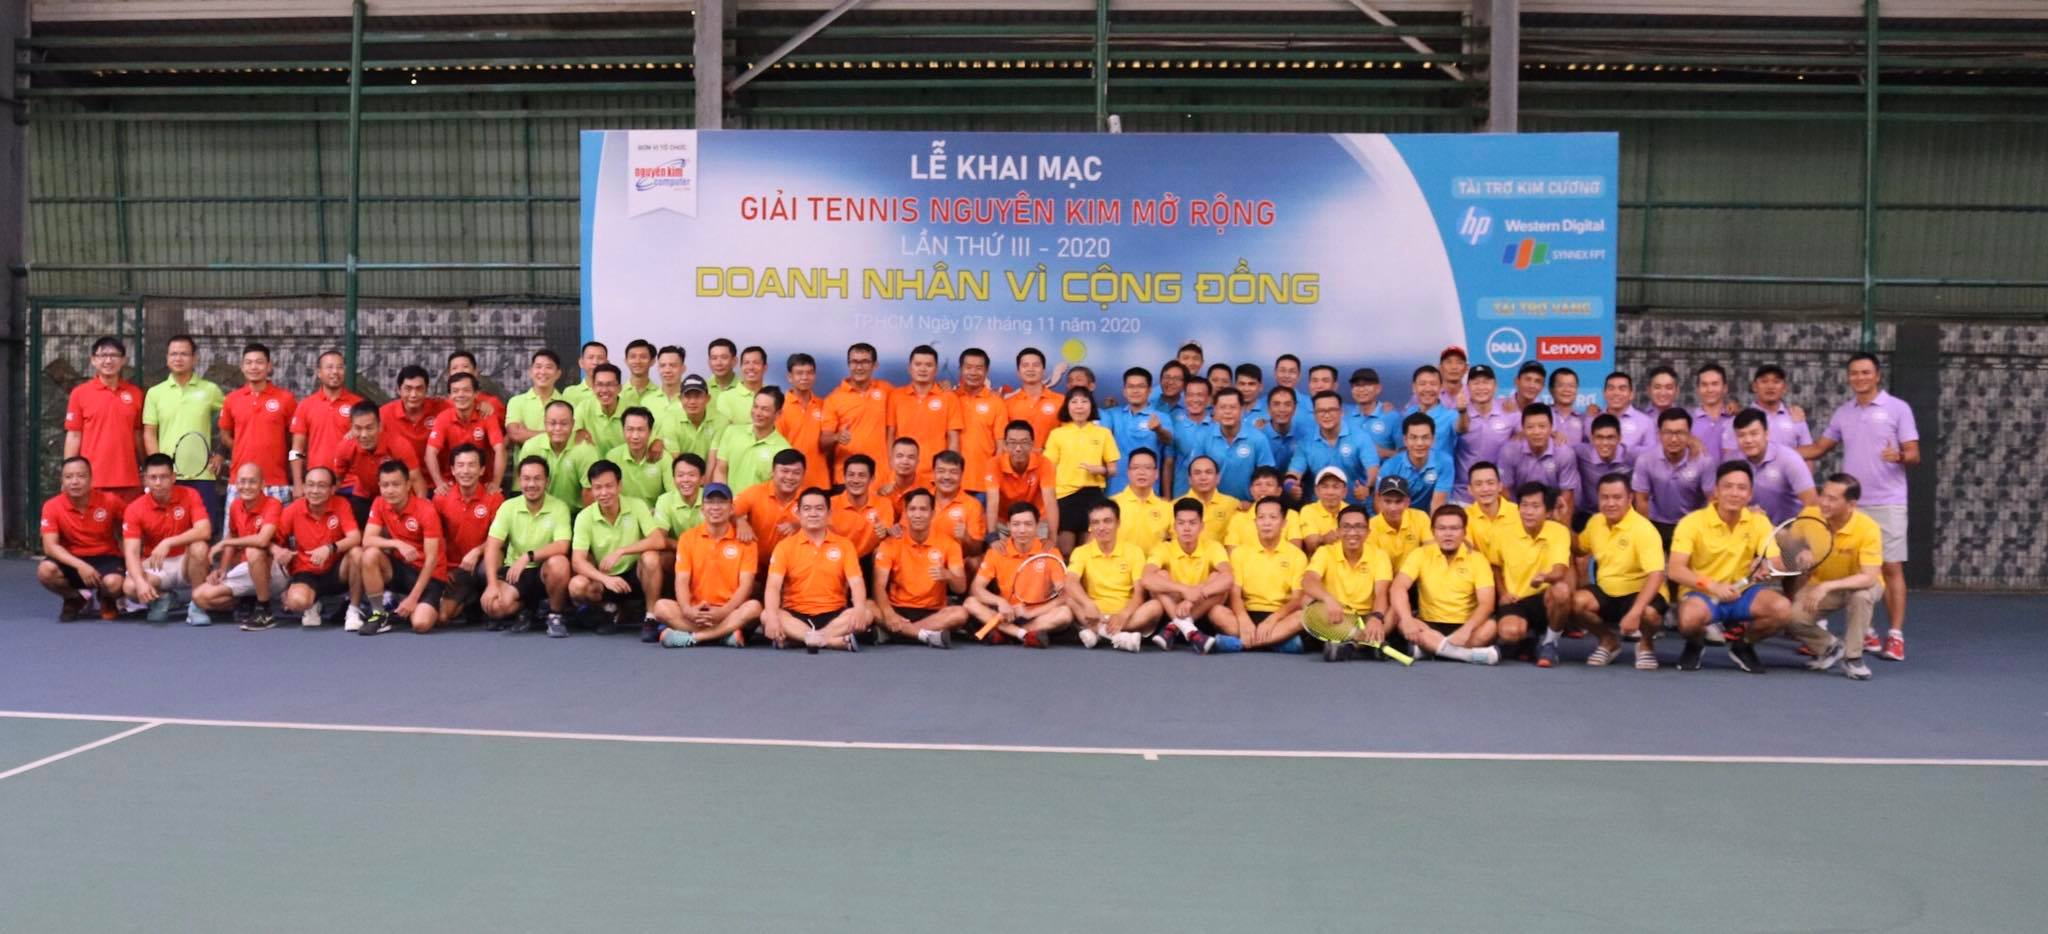 """Cộng đồng CNTT quyên góp được 152 triệu đồng qua giải tennis """"Doanh nhân vì Cộng đồng"""""""